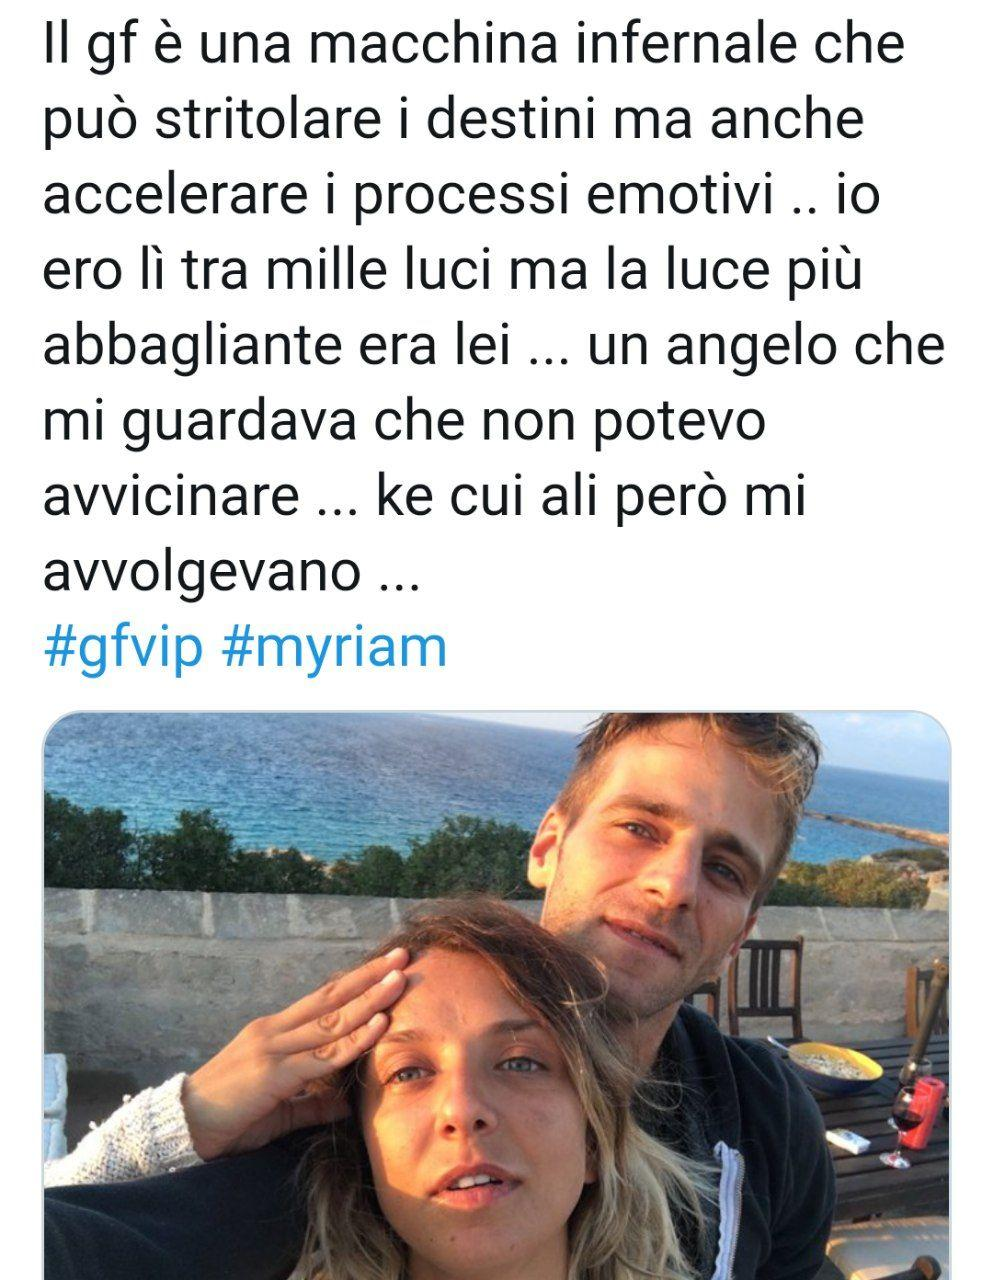 Gf VIP myriam catania dedica Quentin